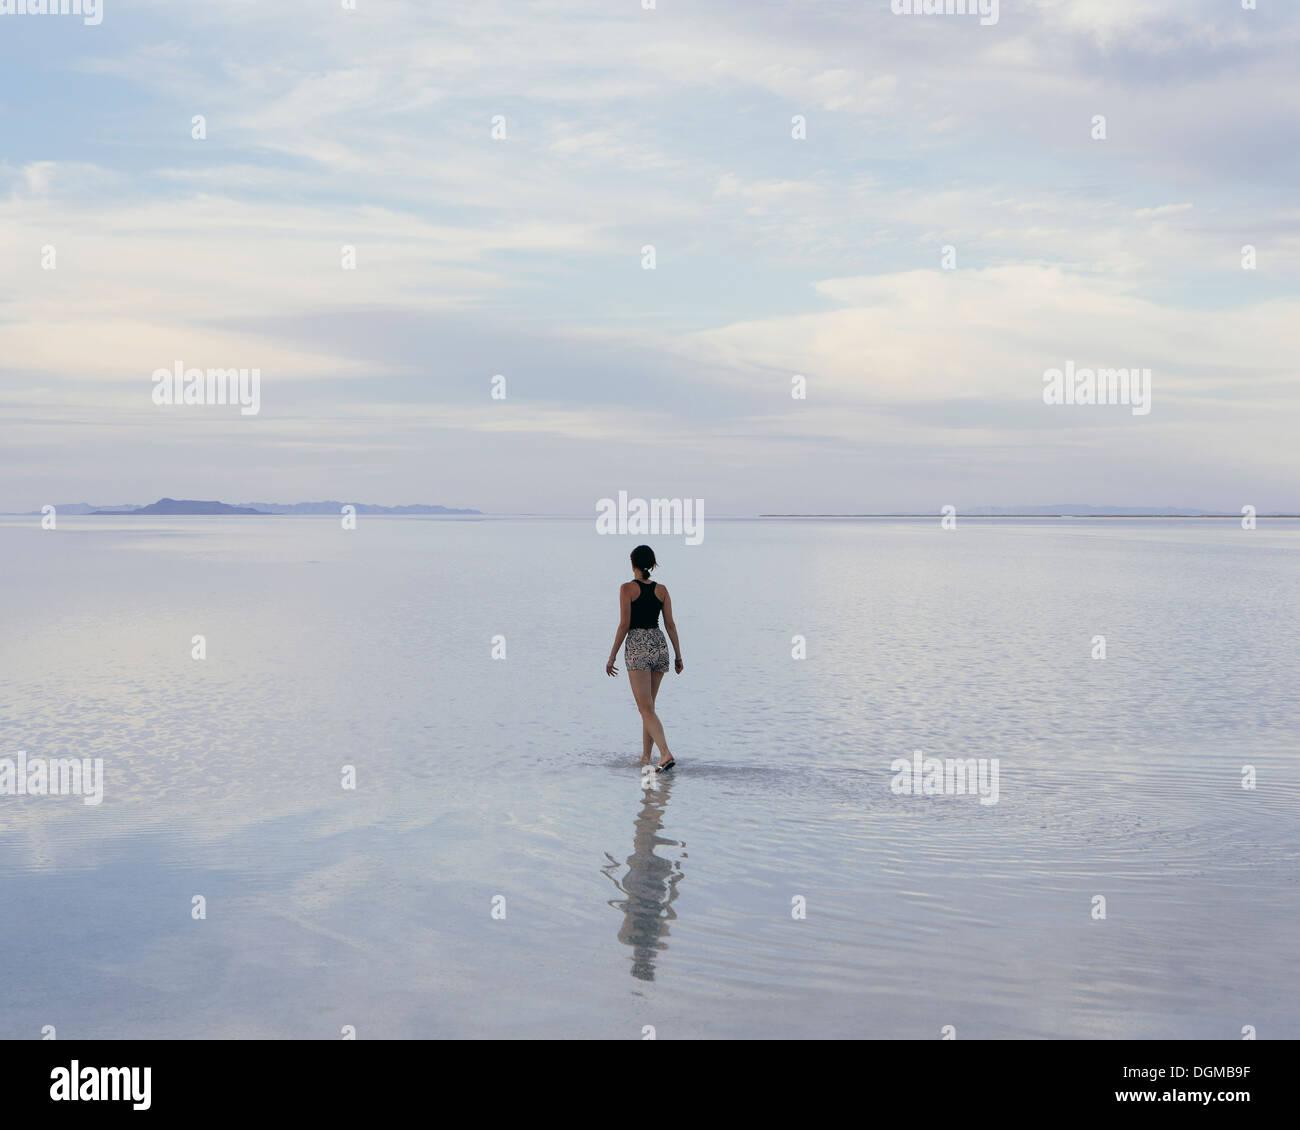 Eine Frau stand auf den überfluteten Bonneville Salt Flats in der Abenddämmerung. Reflexionen im seichten Wasser. Stockbild